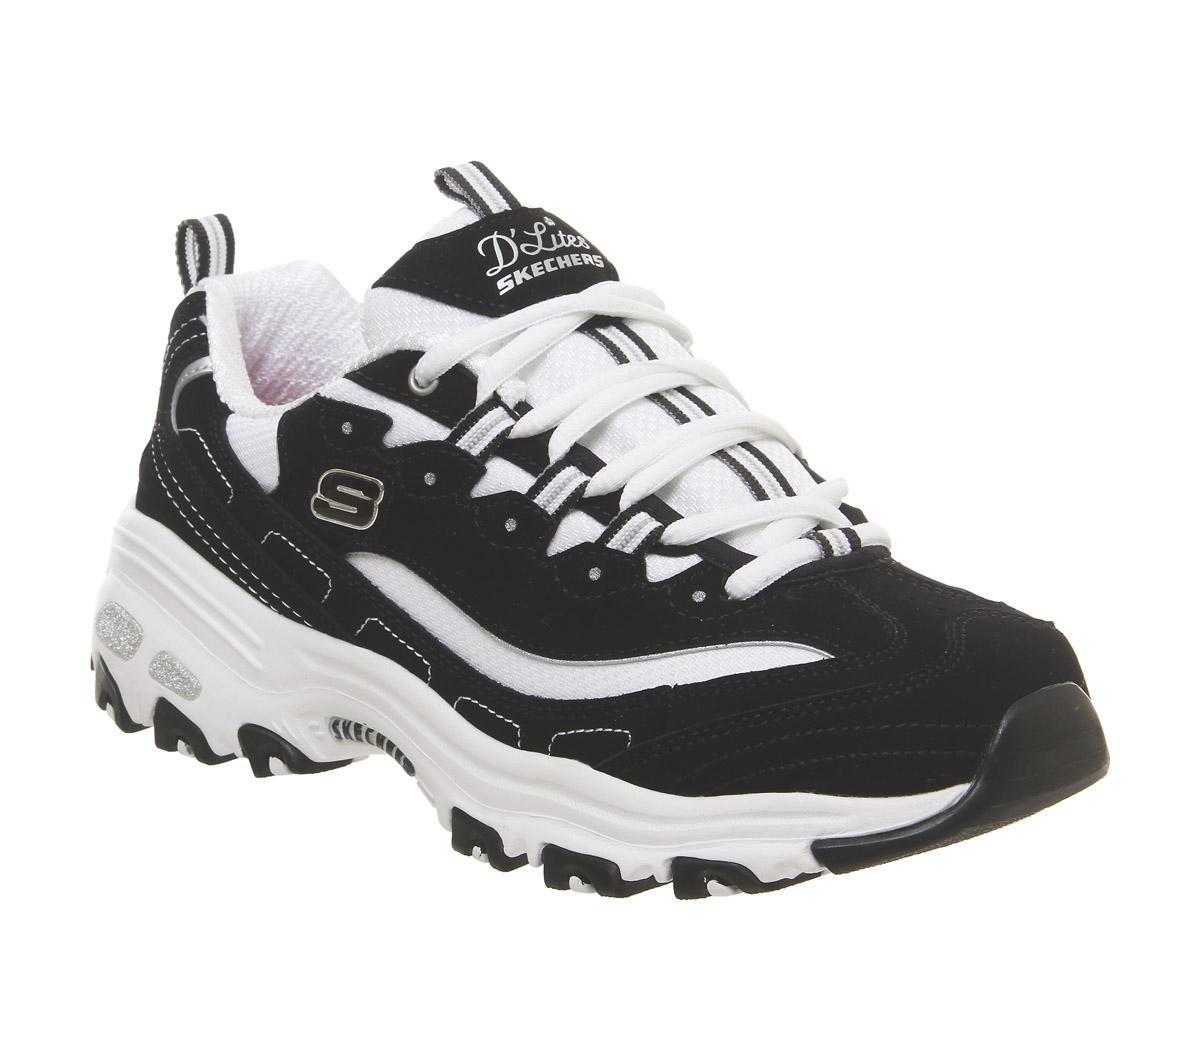 Buenos precios disfruta de precio barato estilo clásico Skechers D'lites Black White - Hers trainers